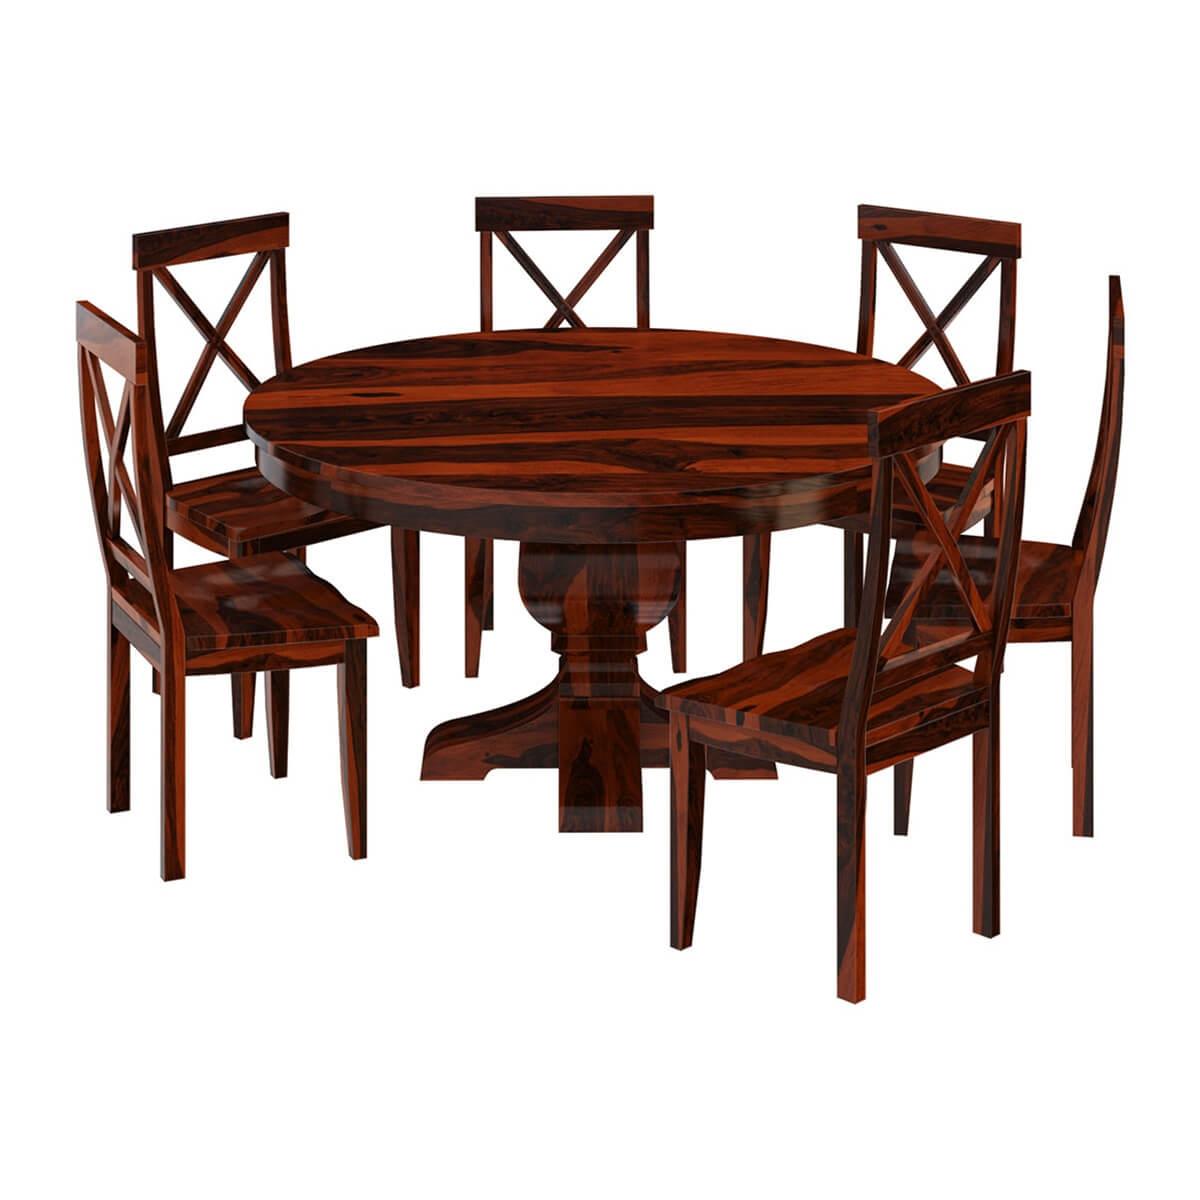 missouri solid wood round pedestal dining table with 6 on solid wood dining table id=34932